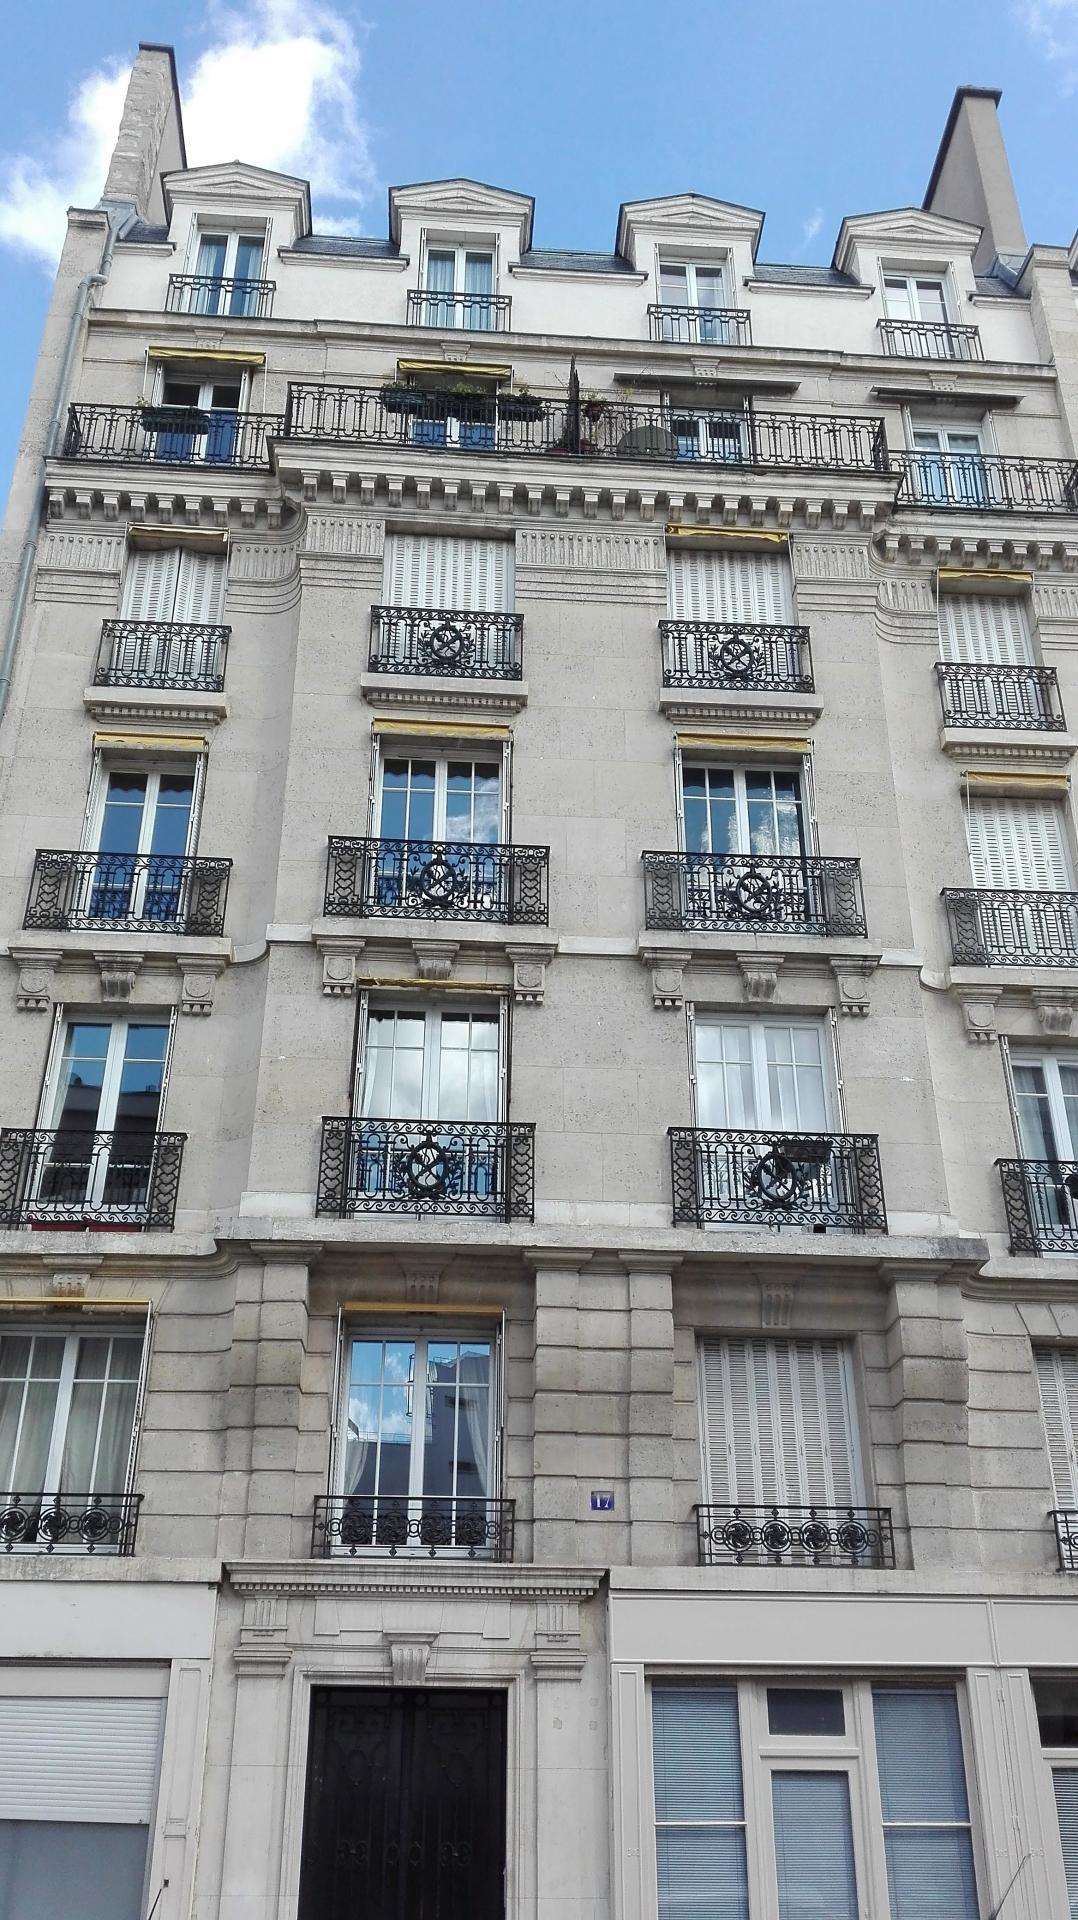 Vente d'un studio de 17 m² - rue Bargue - 75015 PARIS